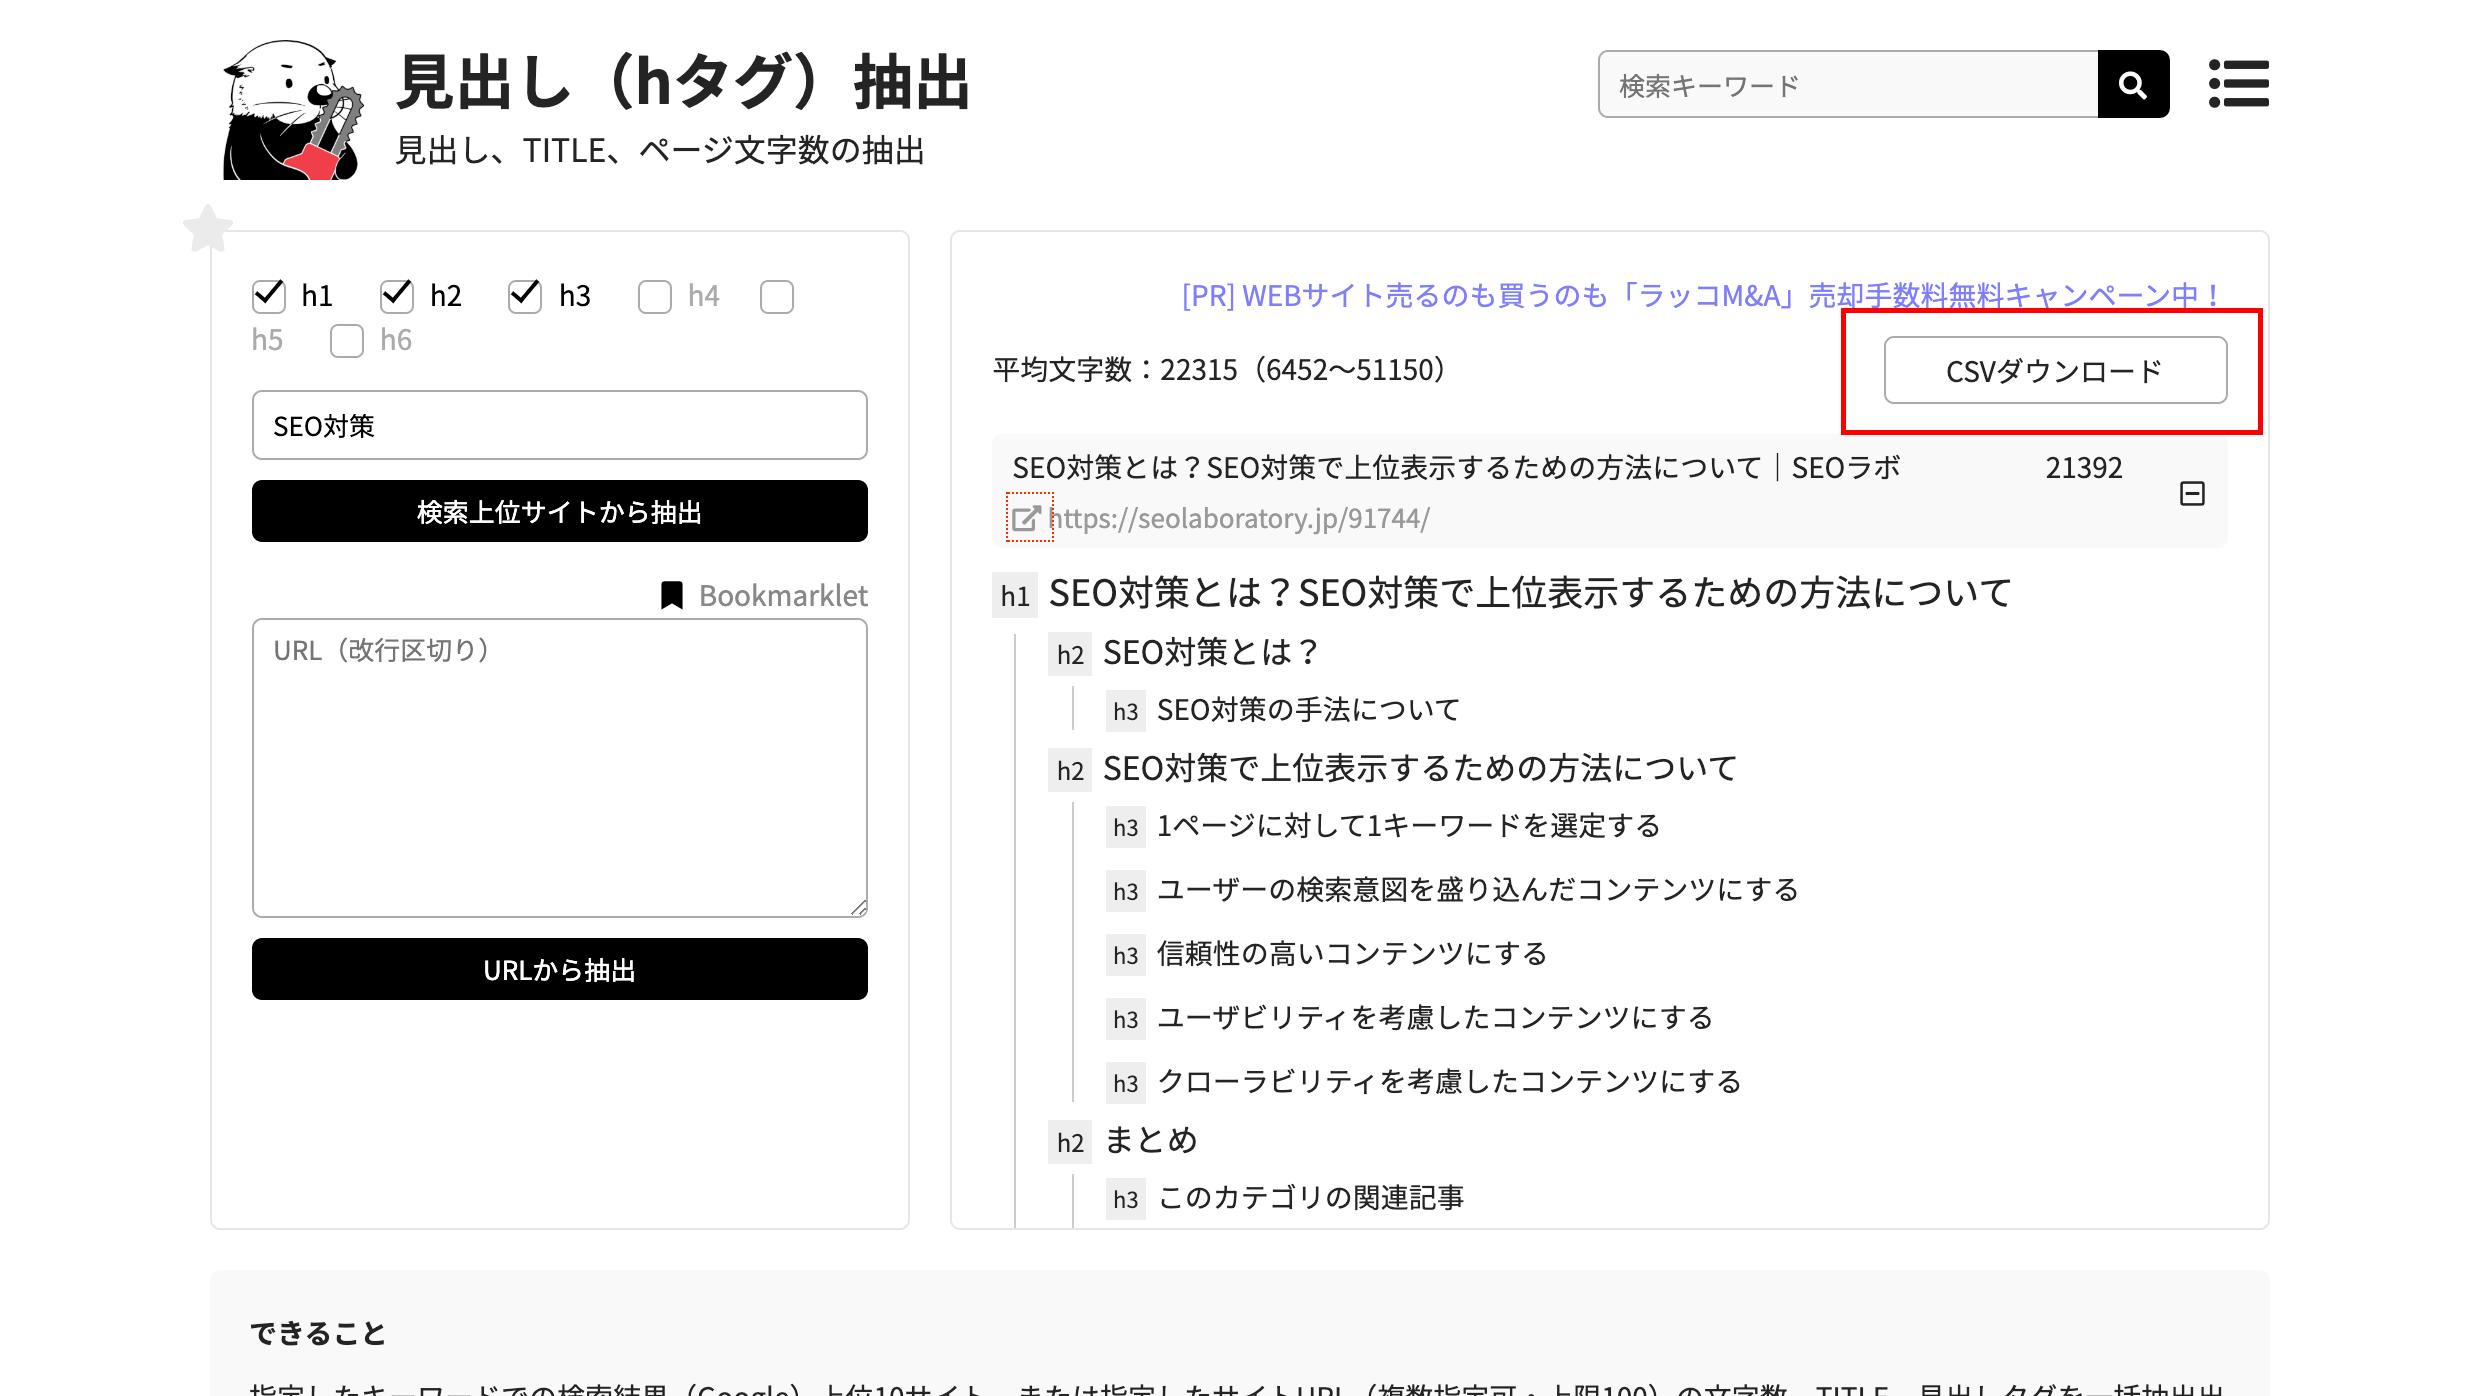 見出し(h●)抽出ツールのラッコツールズからデータをダウンロード